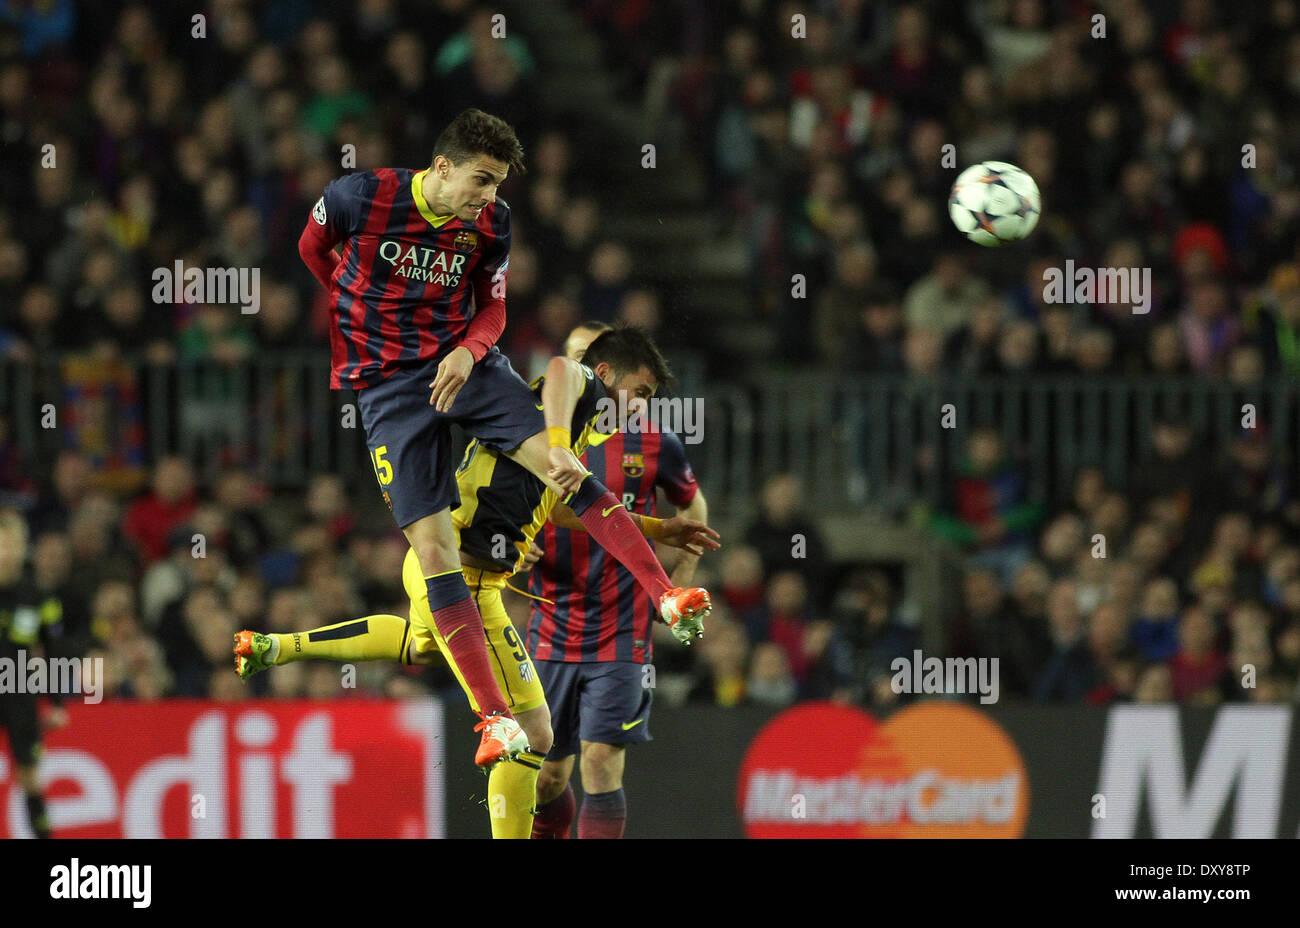 Barcelona, España. 01 abr, 2014. Bartra en acción durante la final ...